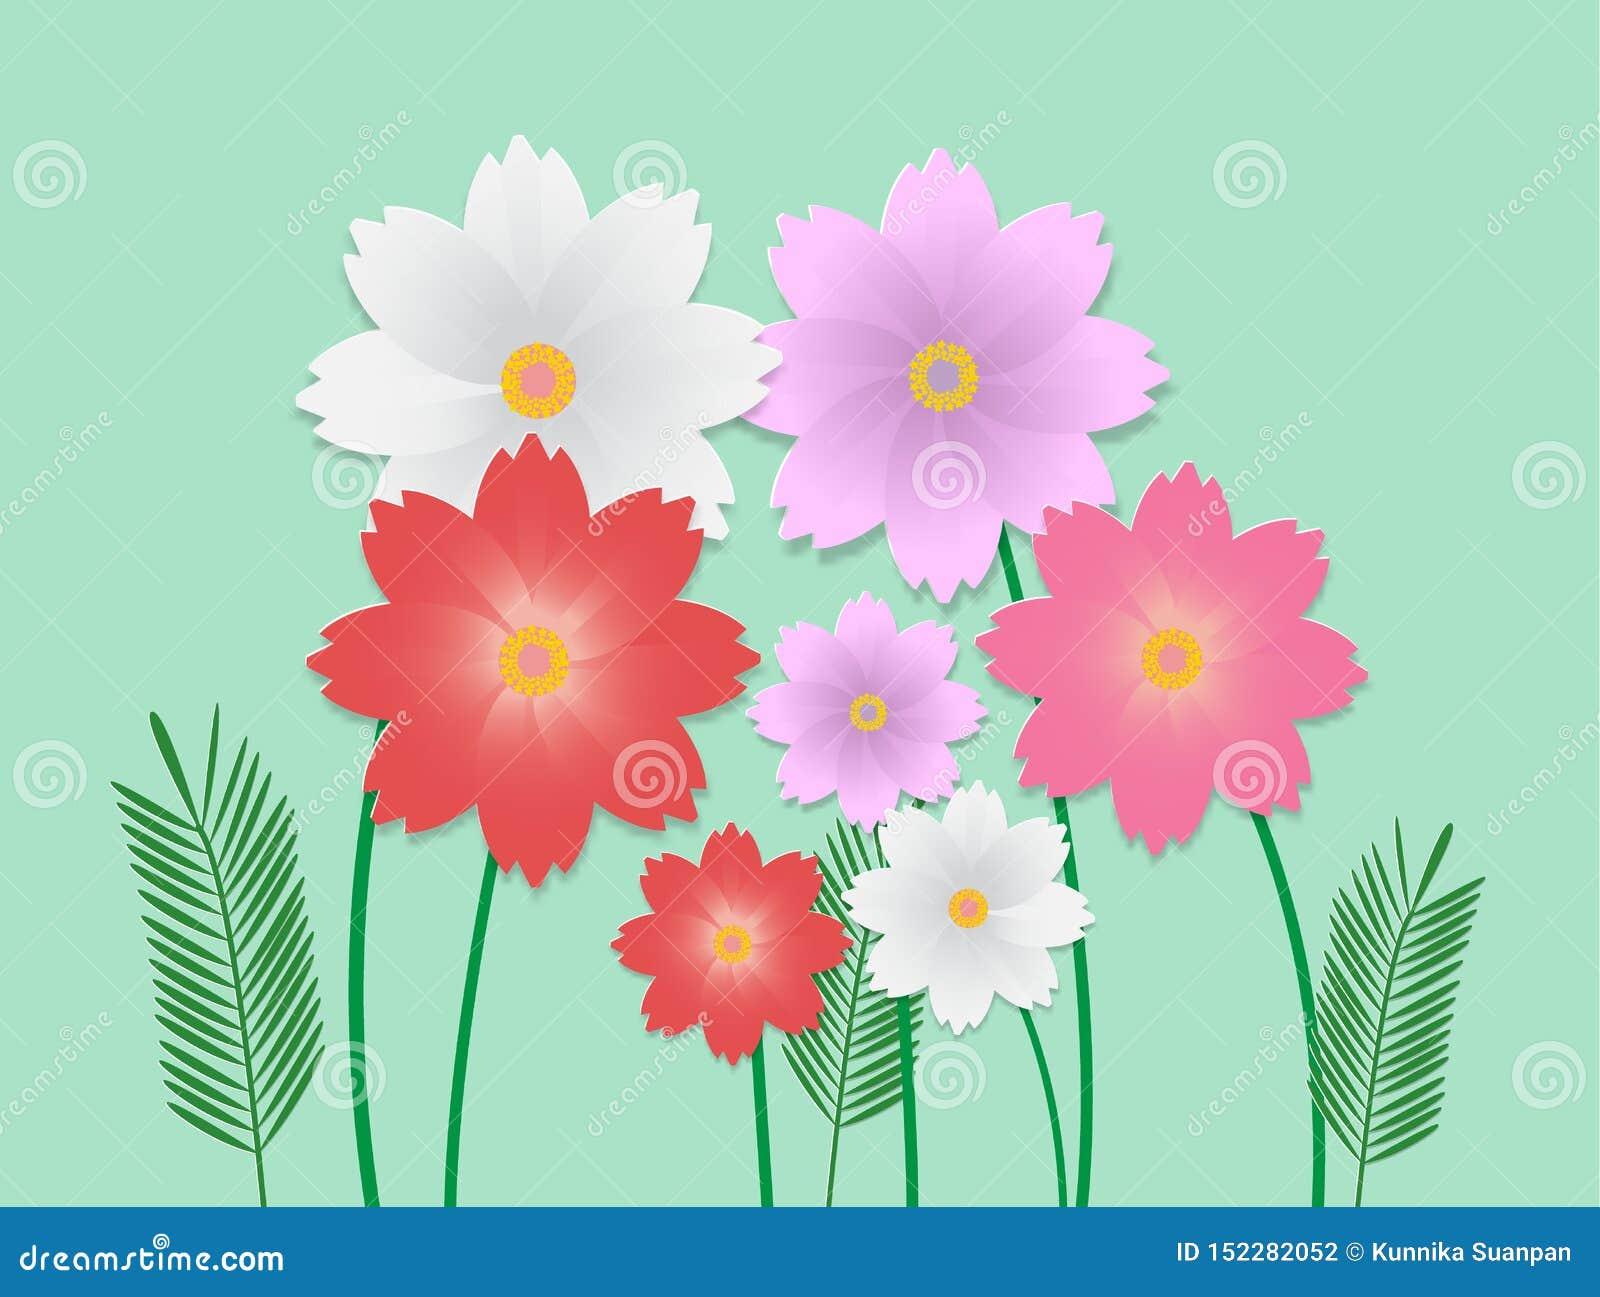 Διανυσματική εικόνα του ζωηρόχρωμου λουλουδιού